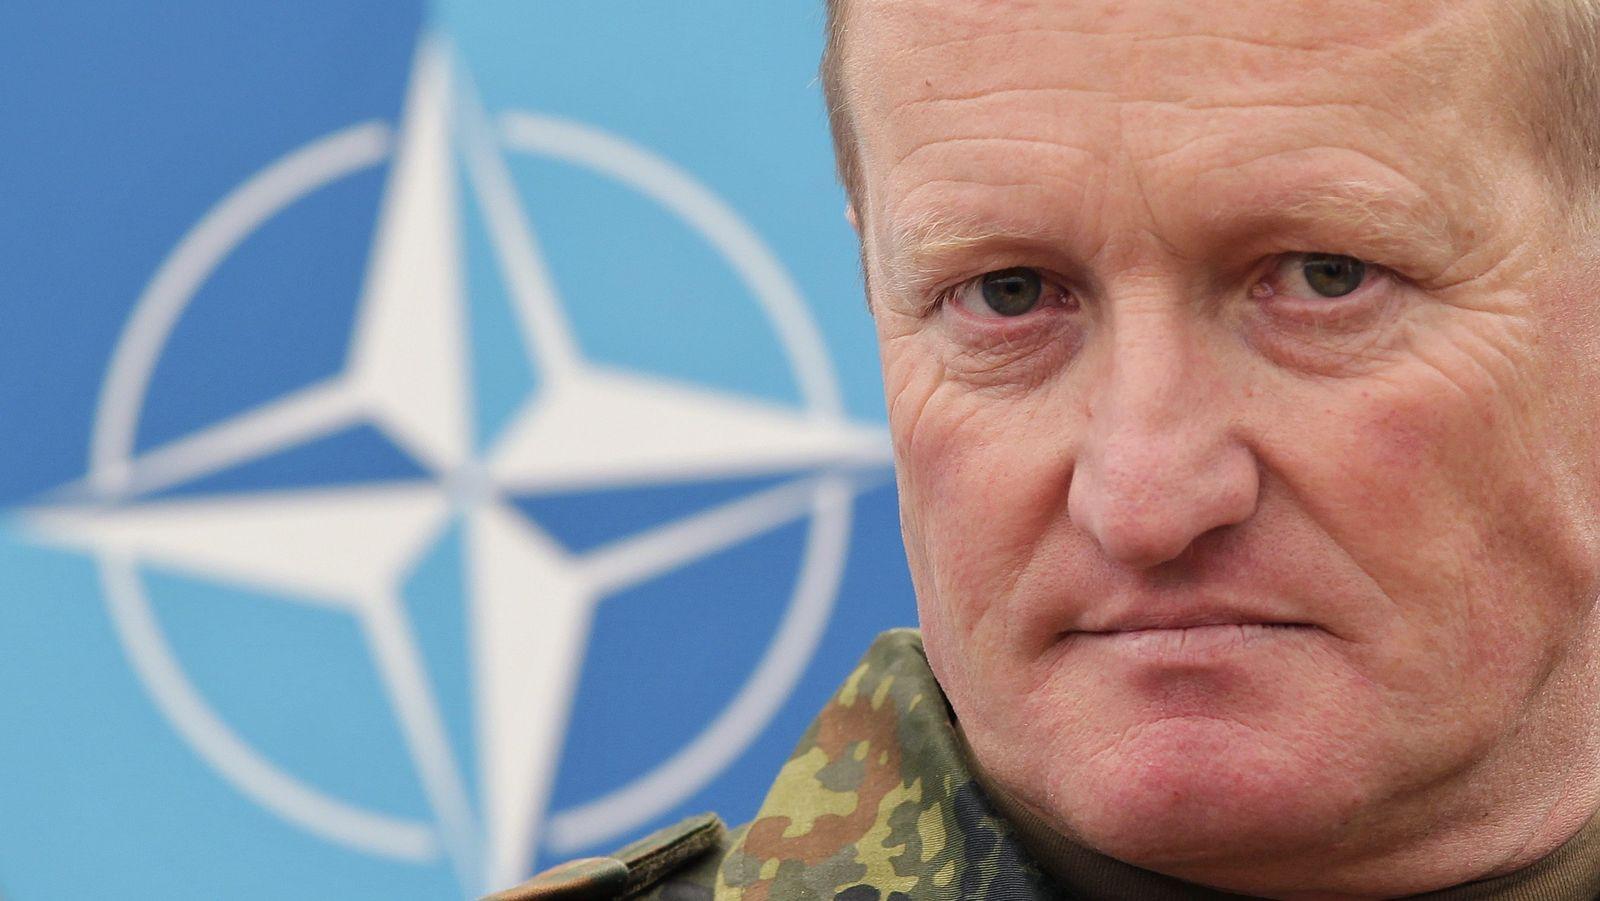 KFOR-Kommandant General Erhard Bühler